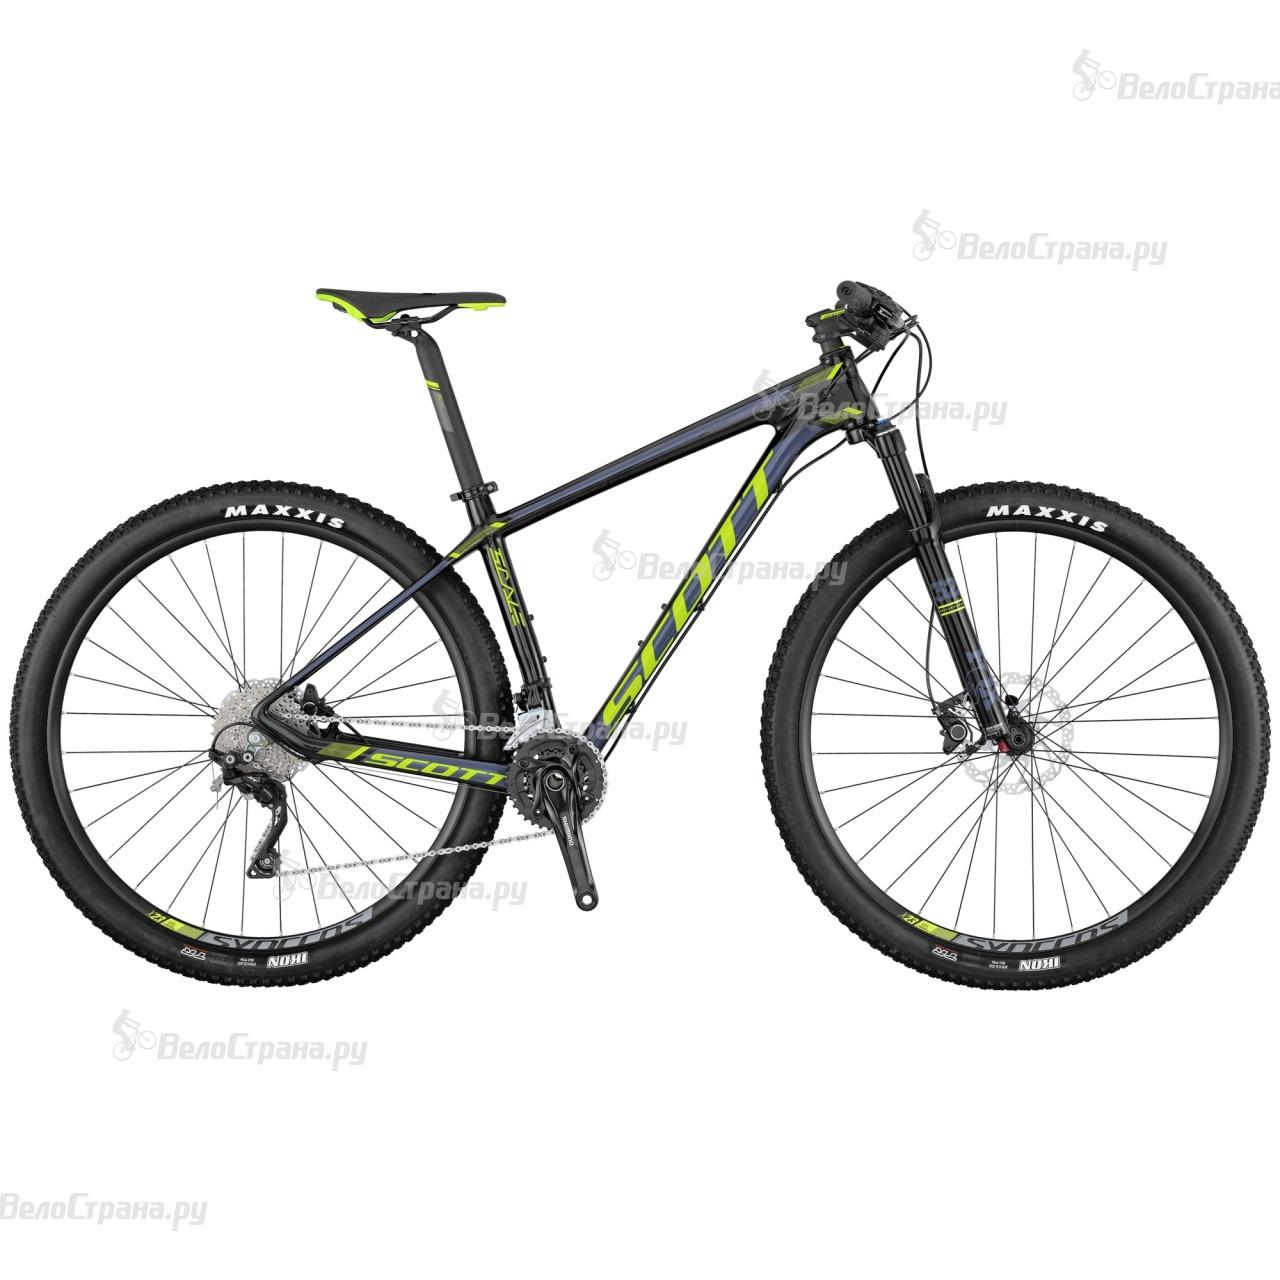 Велосипед Scott Scale 735 (2017) велосипед scott scale 735 2015